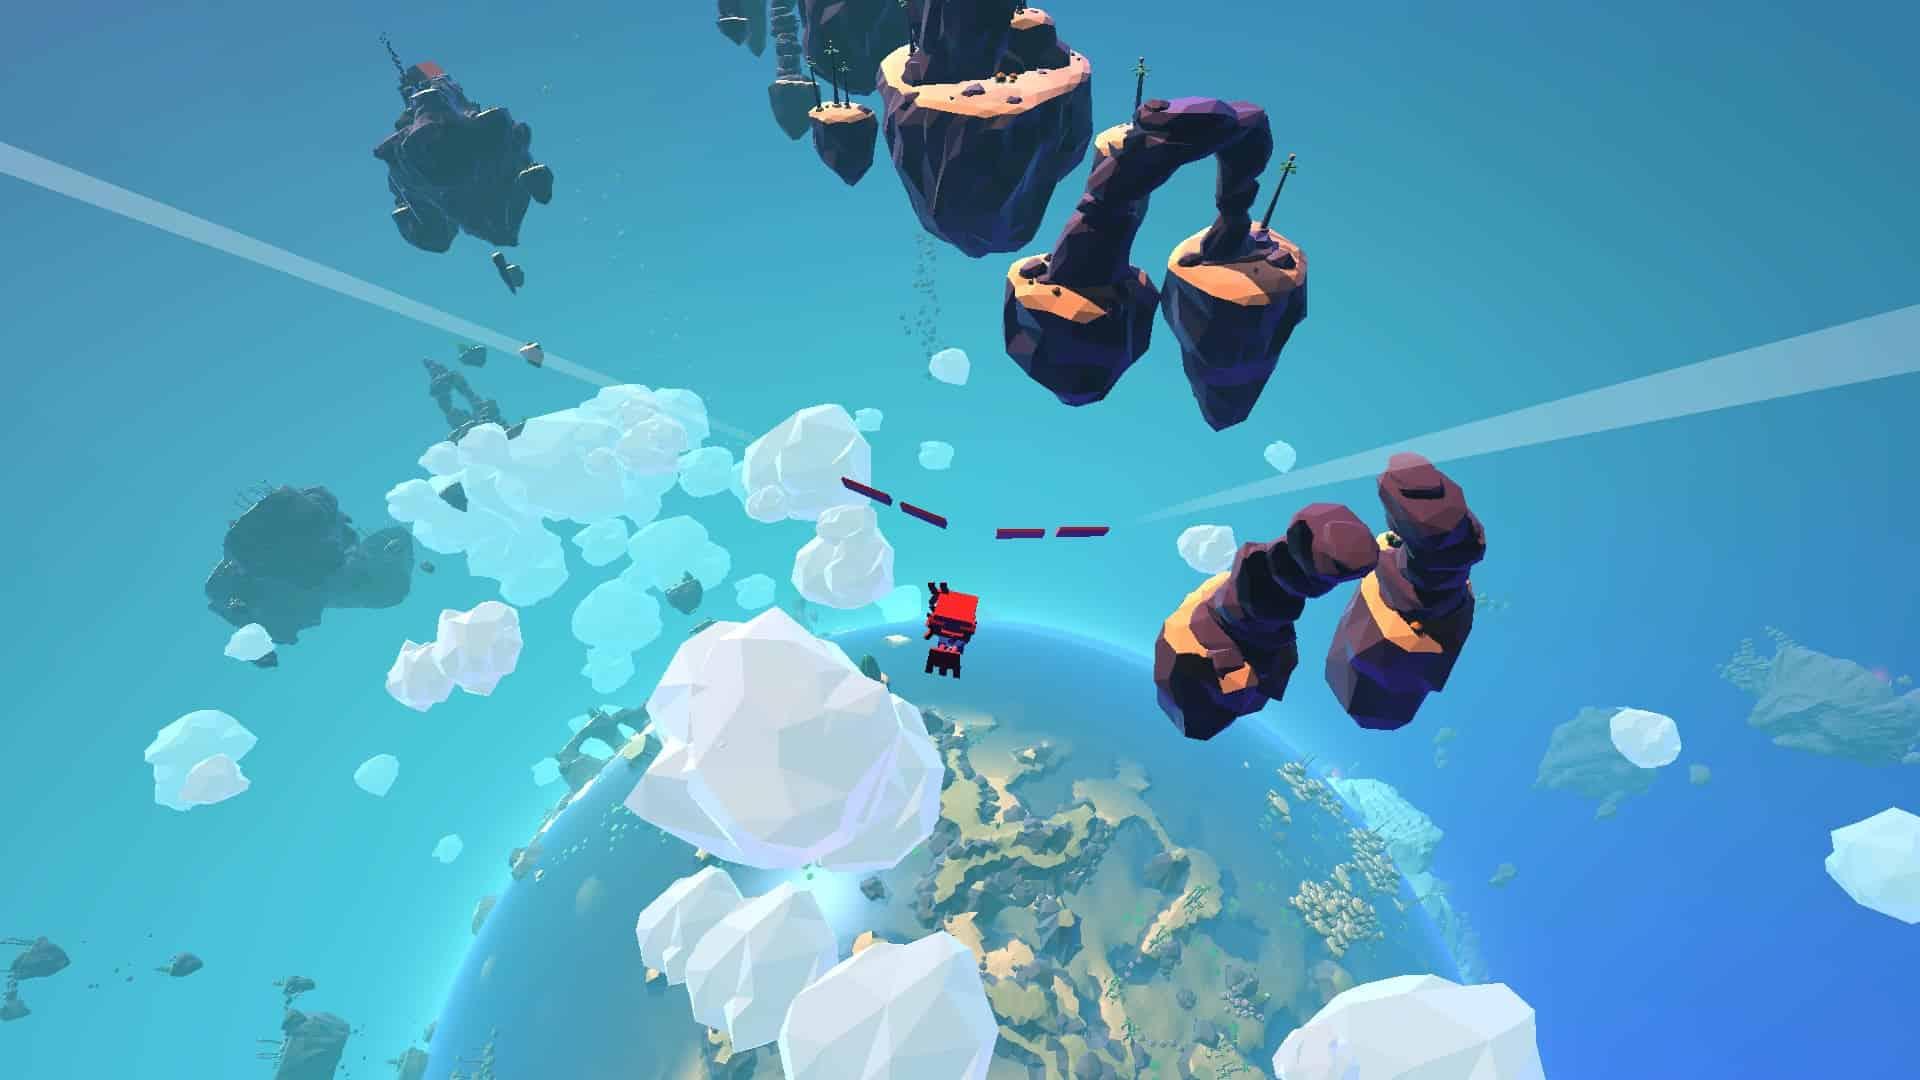 [TEST] Grow Up : le plaisir de l'exploration par Ubisoft